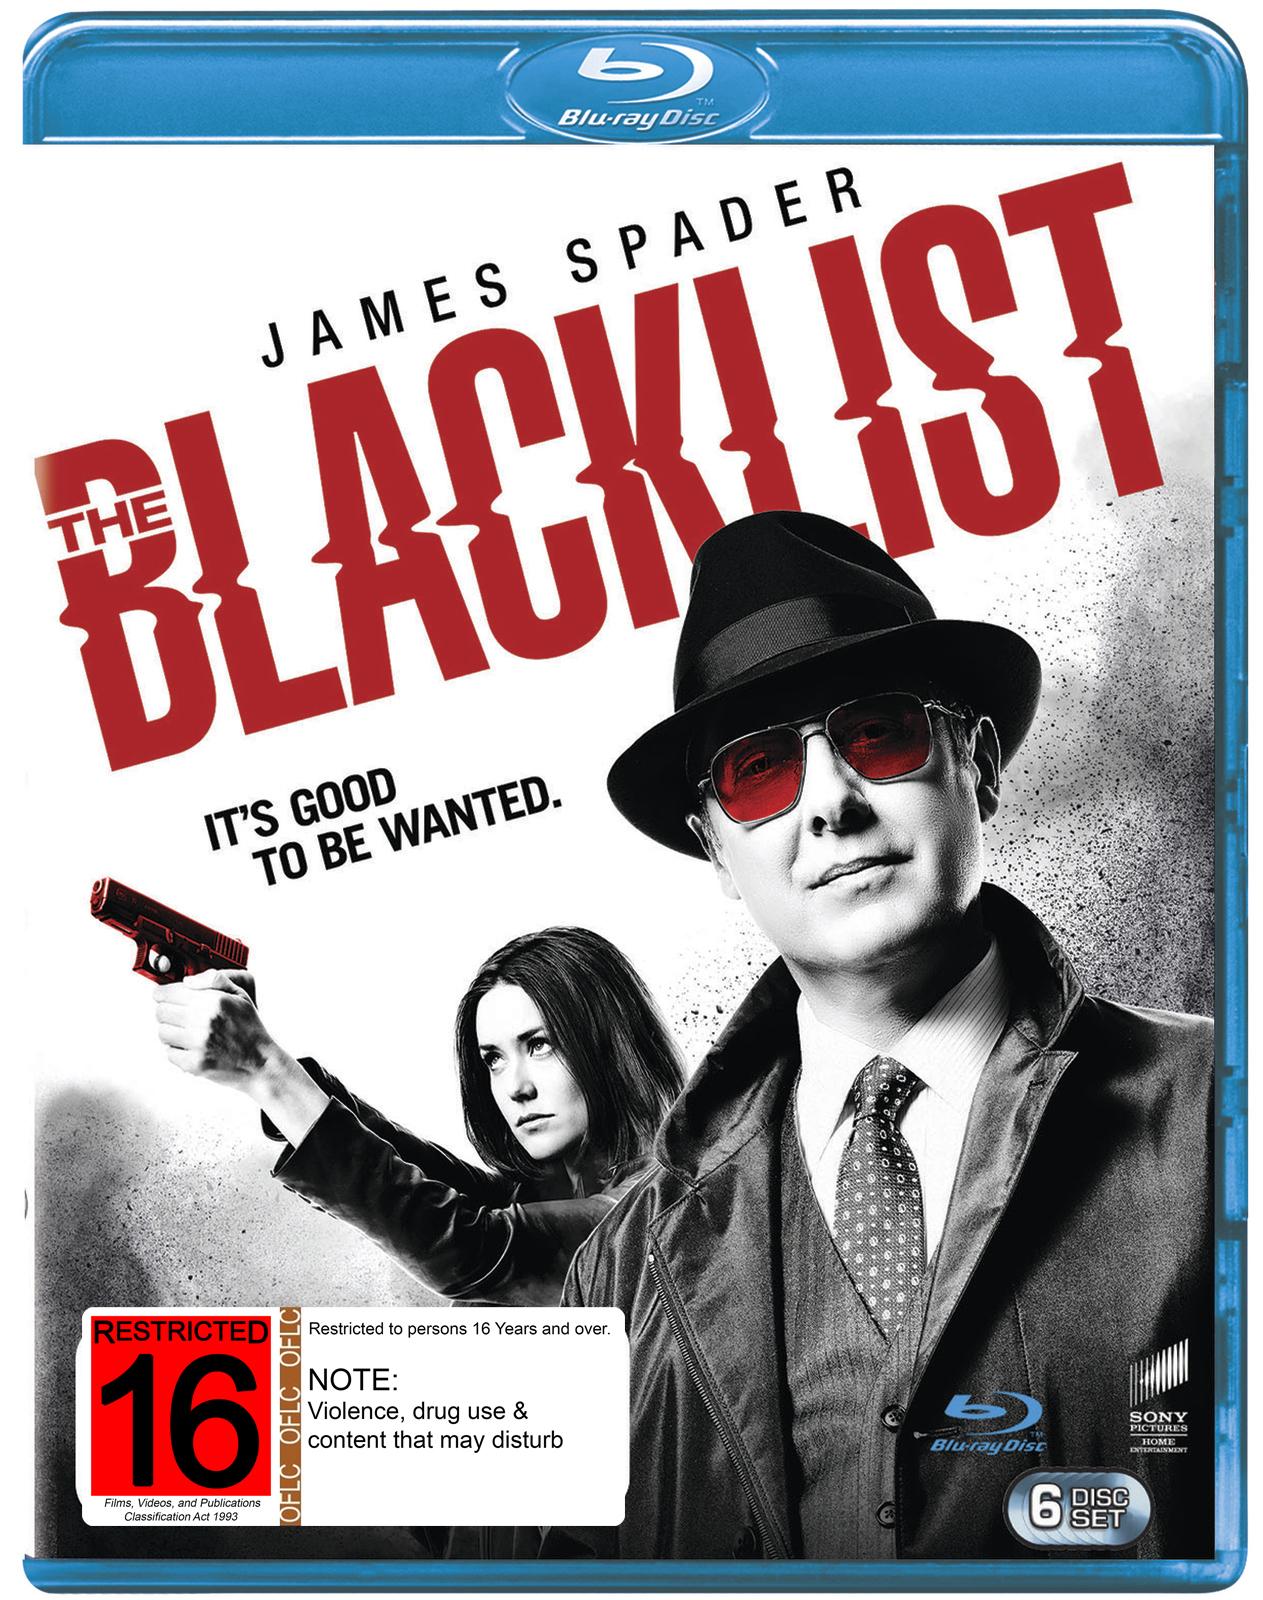 The Blacklist Season 3 on Blu-ray image